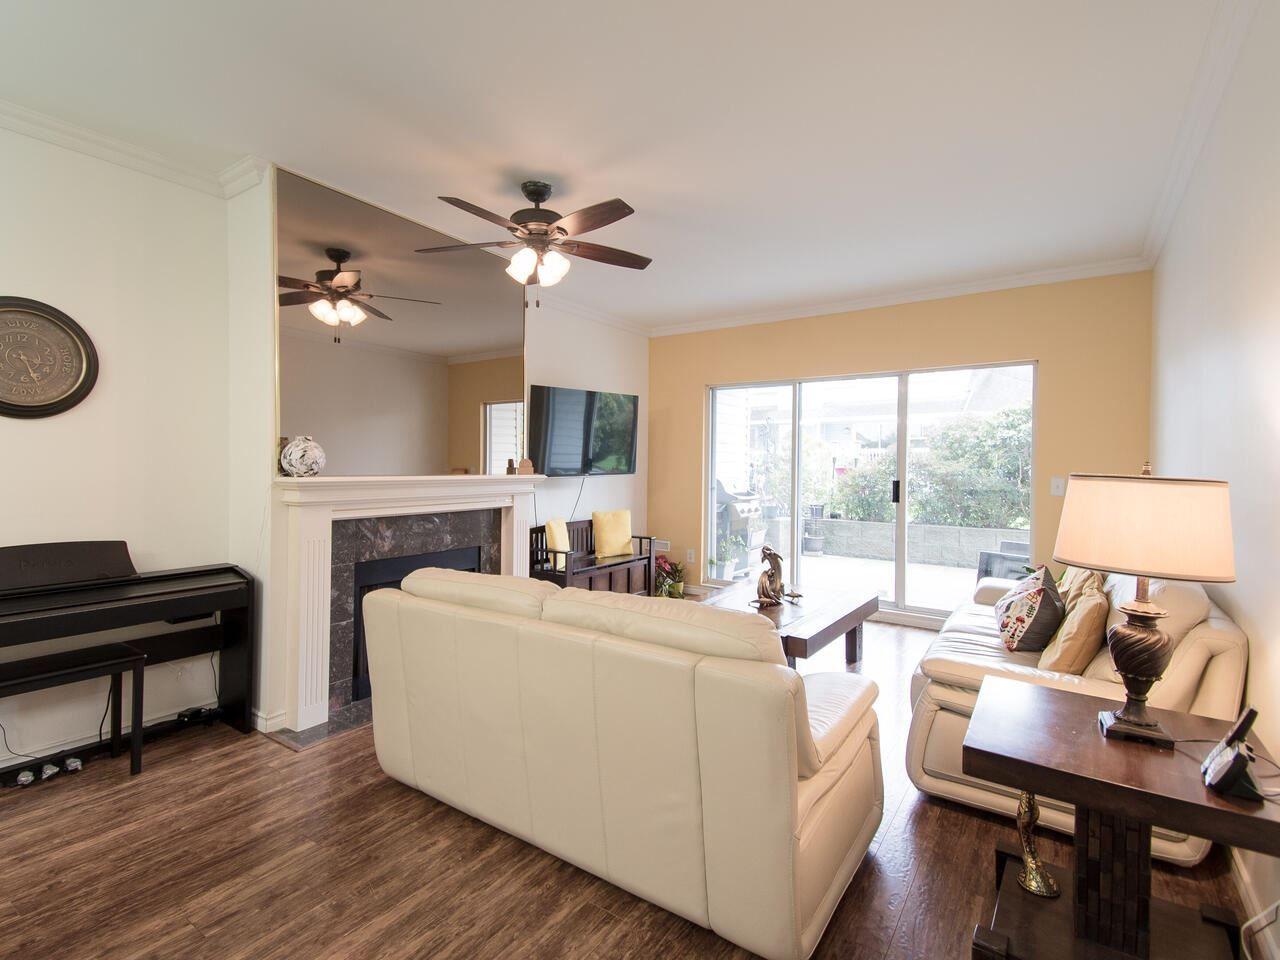 Photo 17: Photos: 108 13918 72 Avenue in Surrey: East Newton Condo for sale : MLS®# R2538723